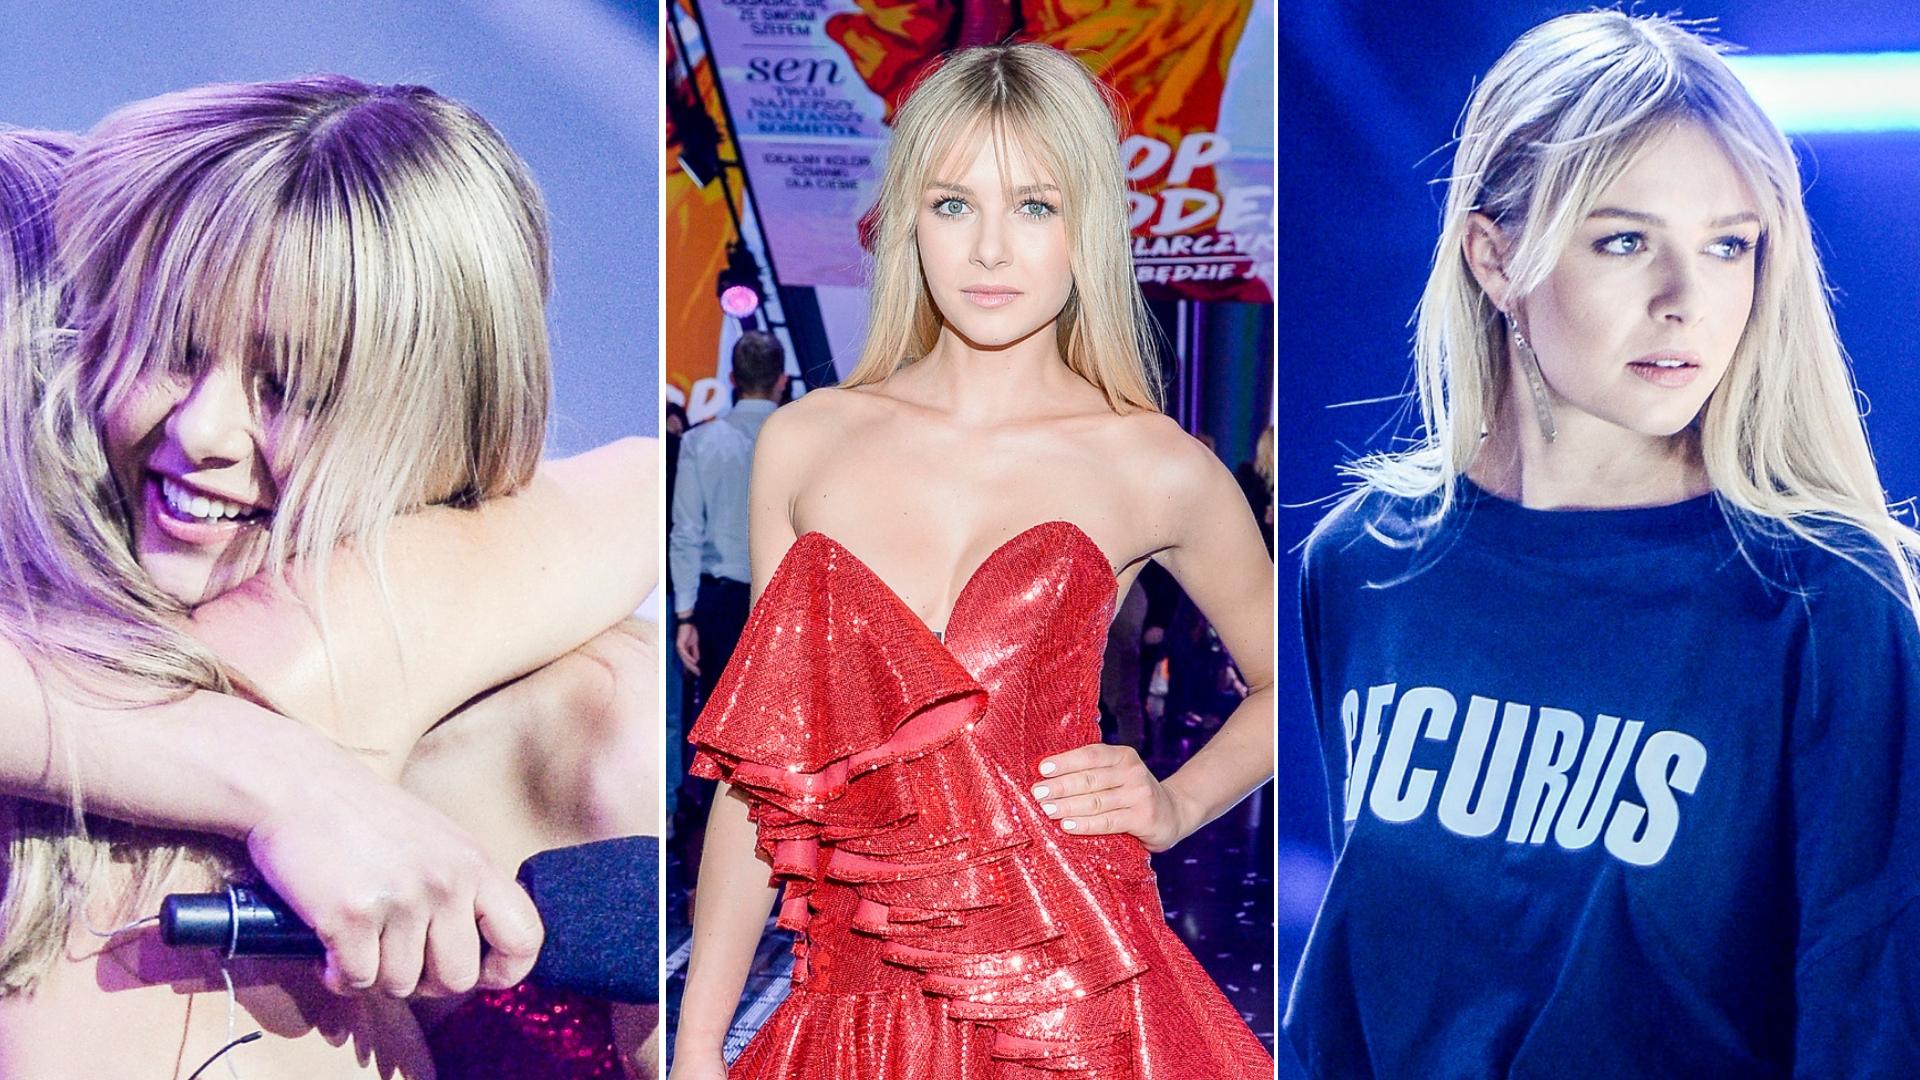 Kim jest Kasia Szklarczyk? Wszystko co musisz wiedzieć o zwyciężczyni Top Model!